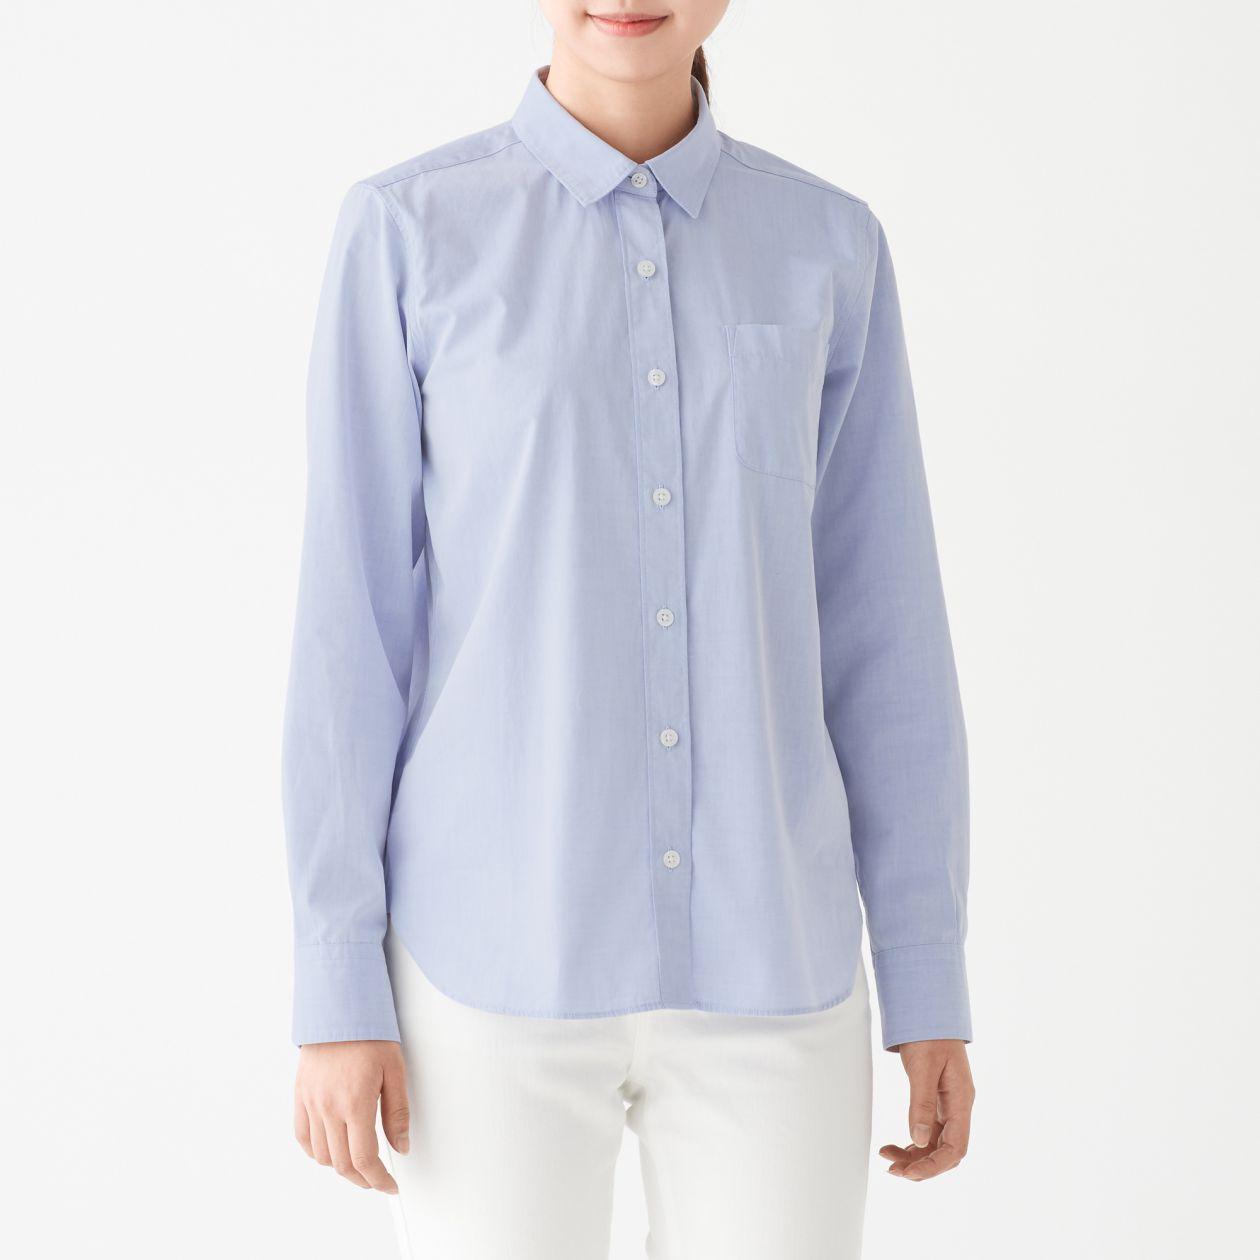 新疆綿洗いざらしブロードシャツ